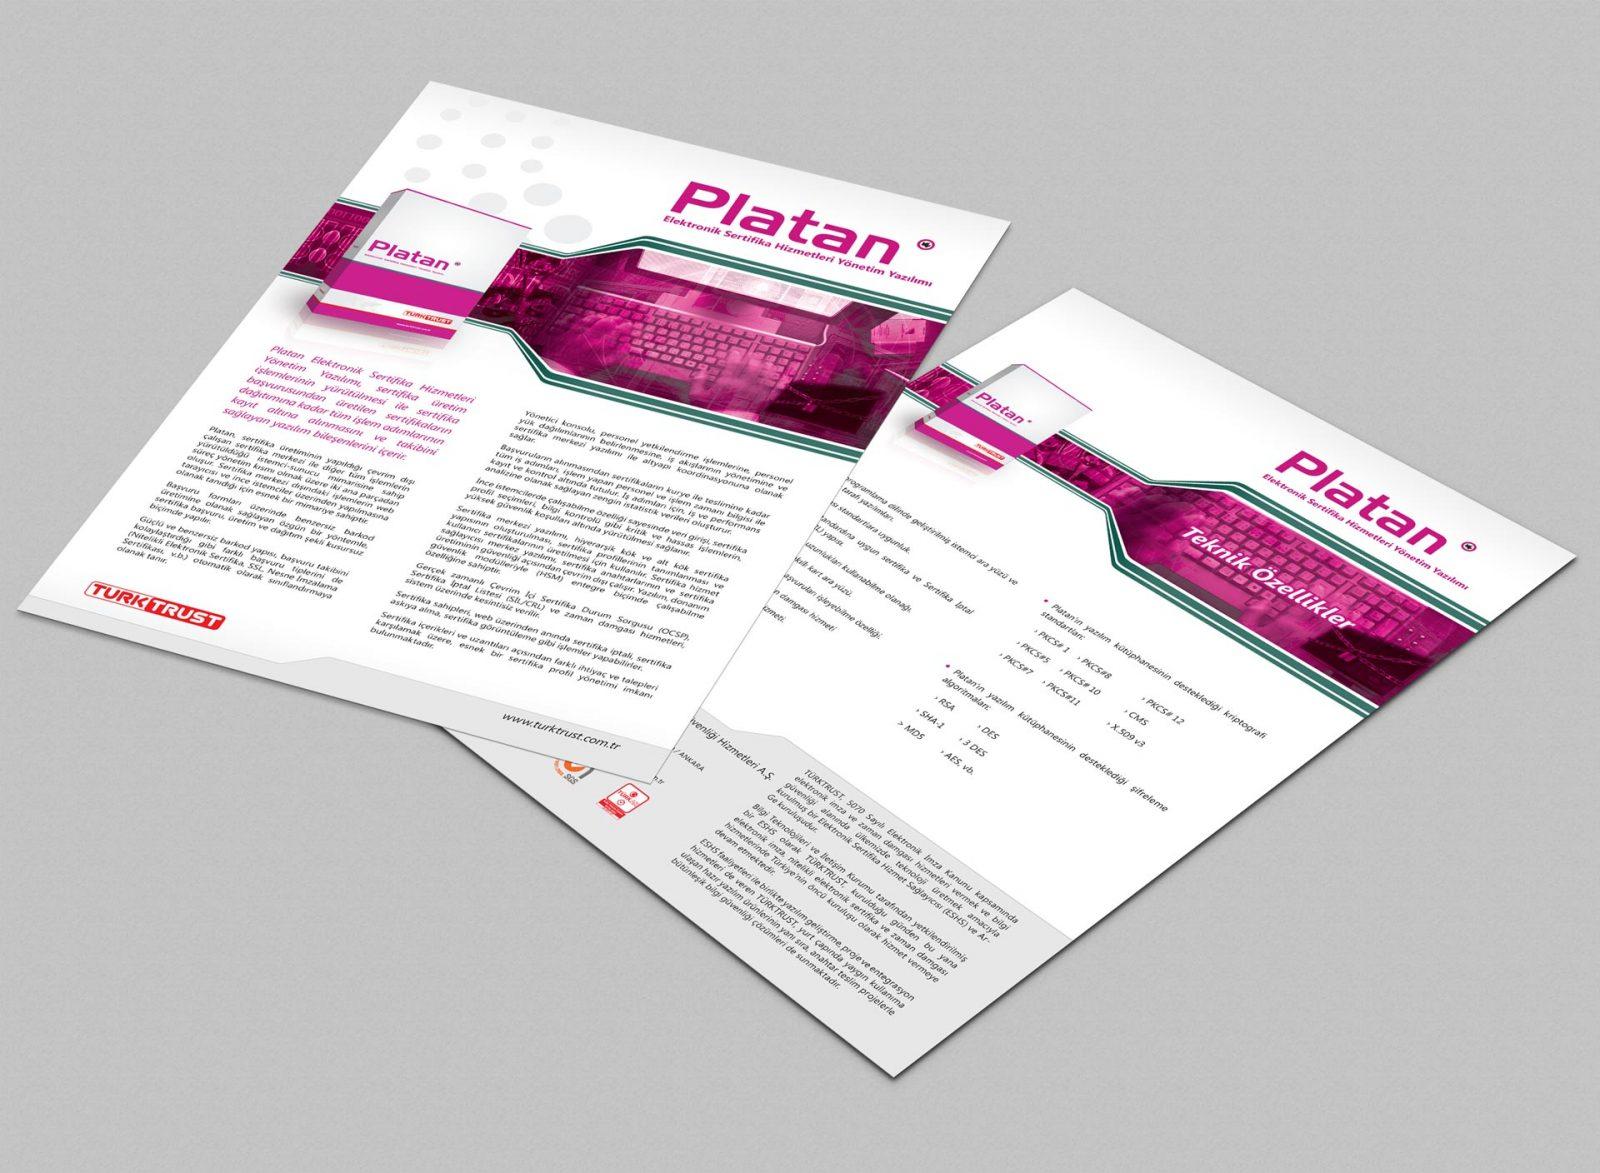 turktrust flyer tasarımı 09